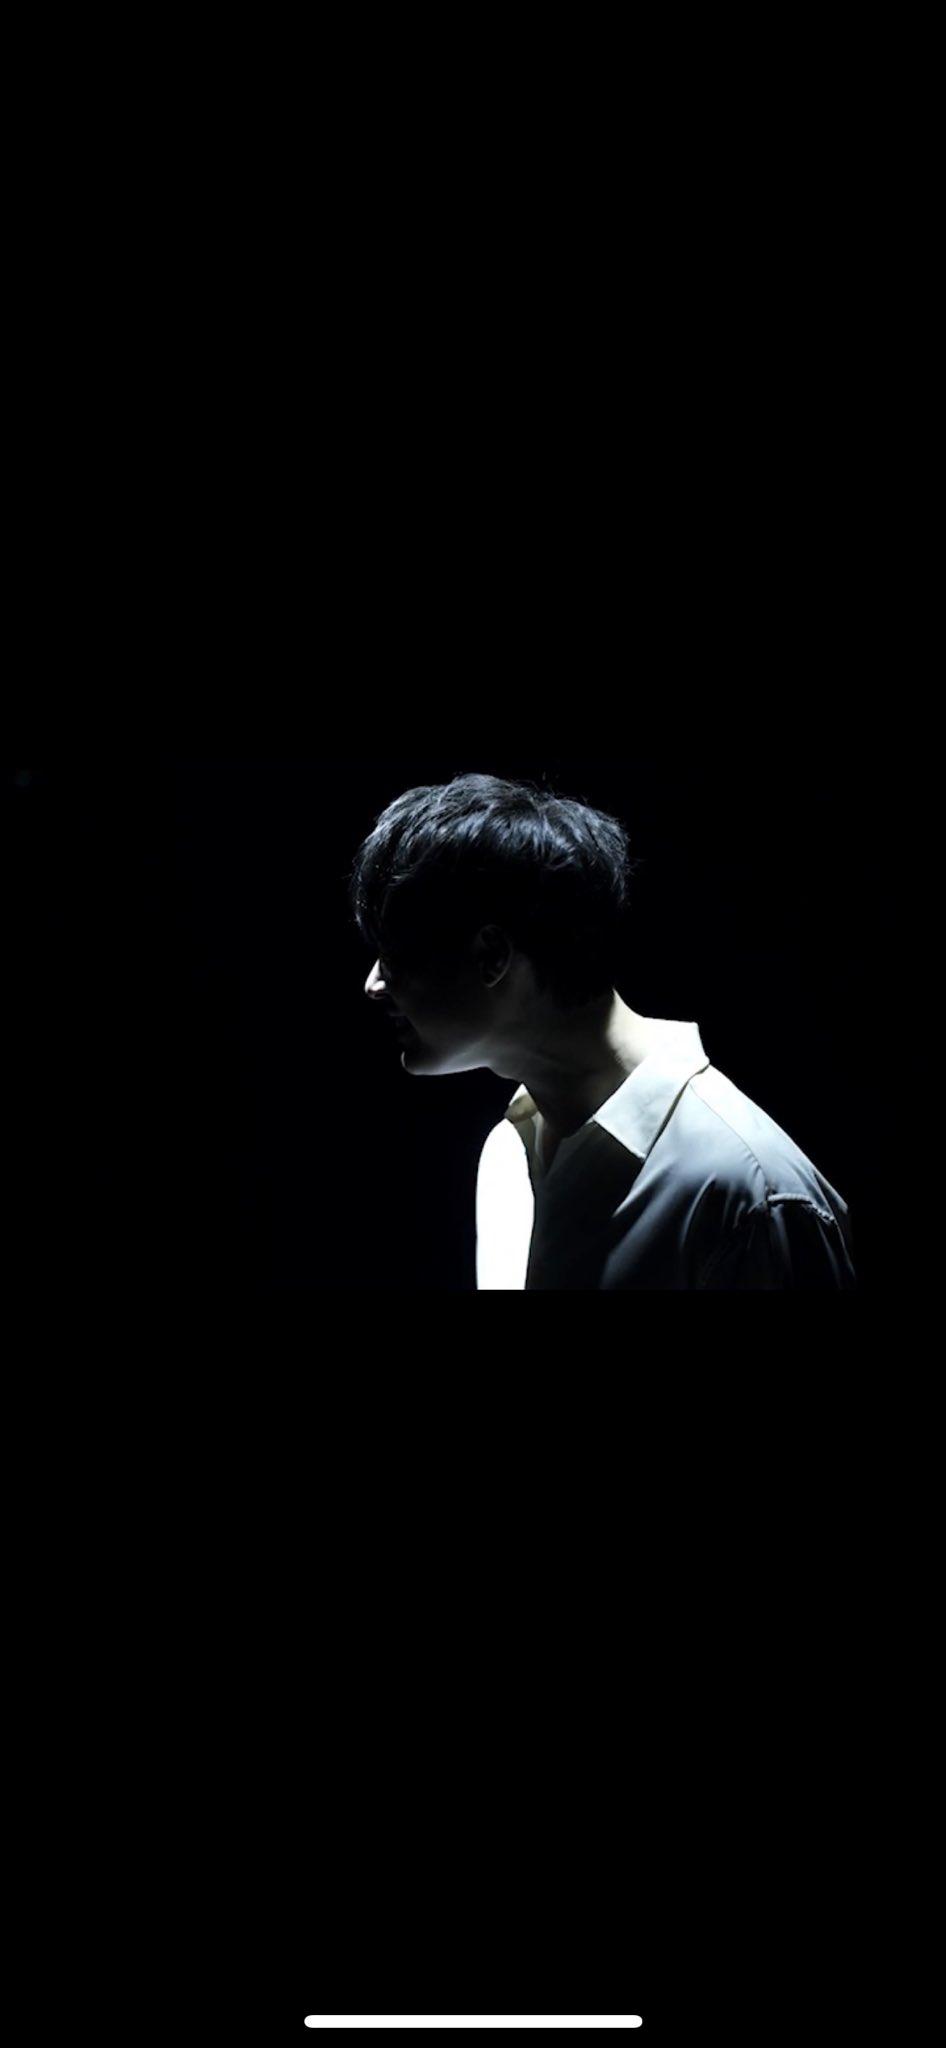 4일(토), 마테오(Mateo) 새 앨범 발매 | 인스티즈